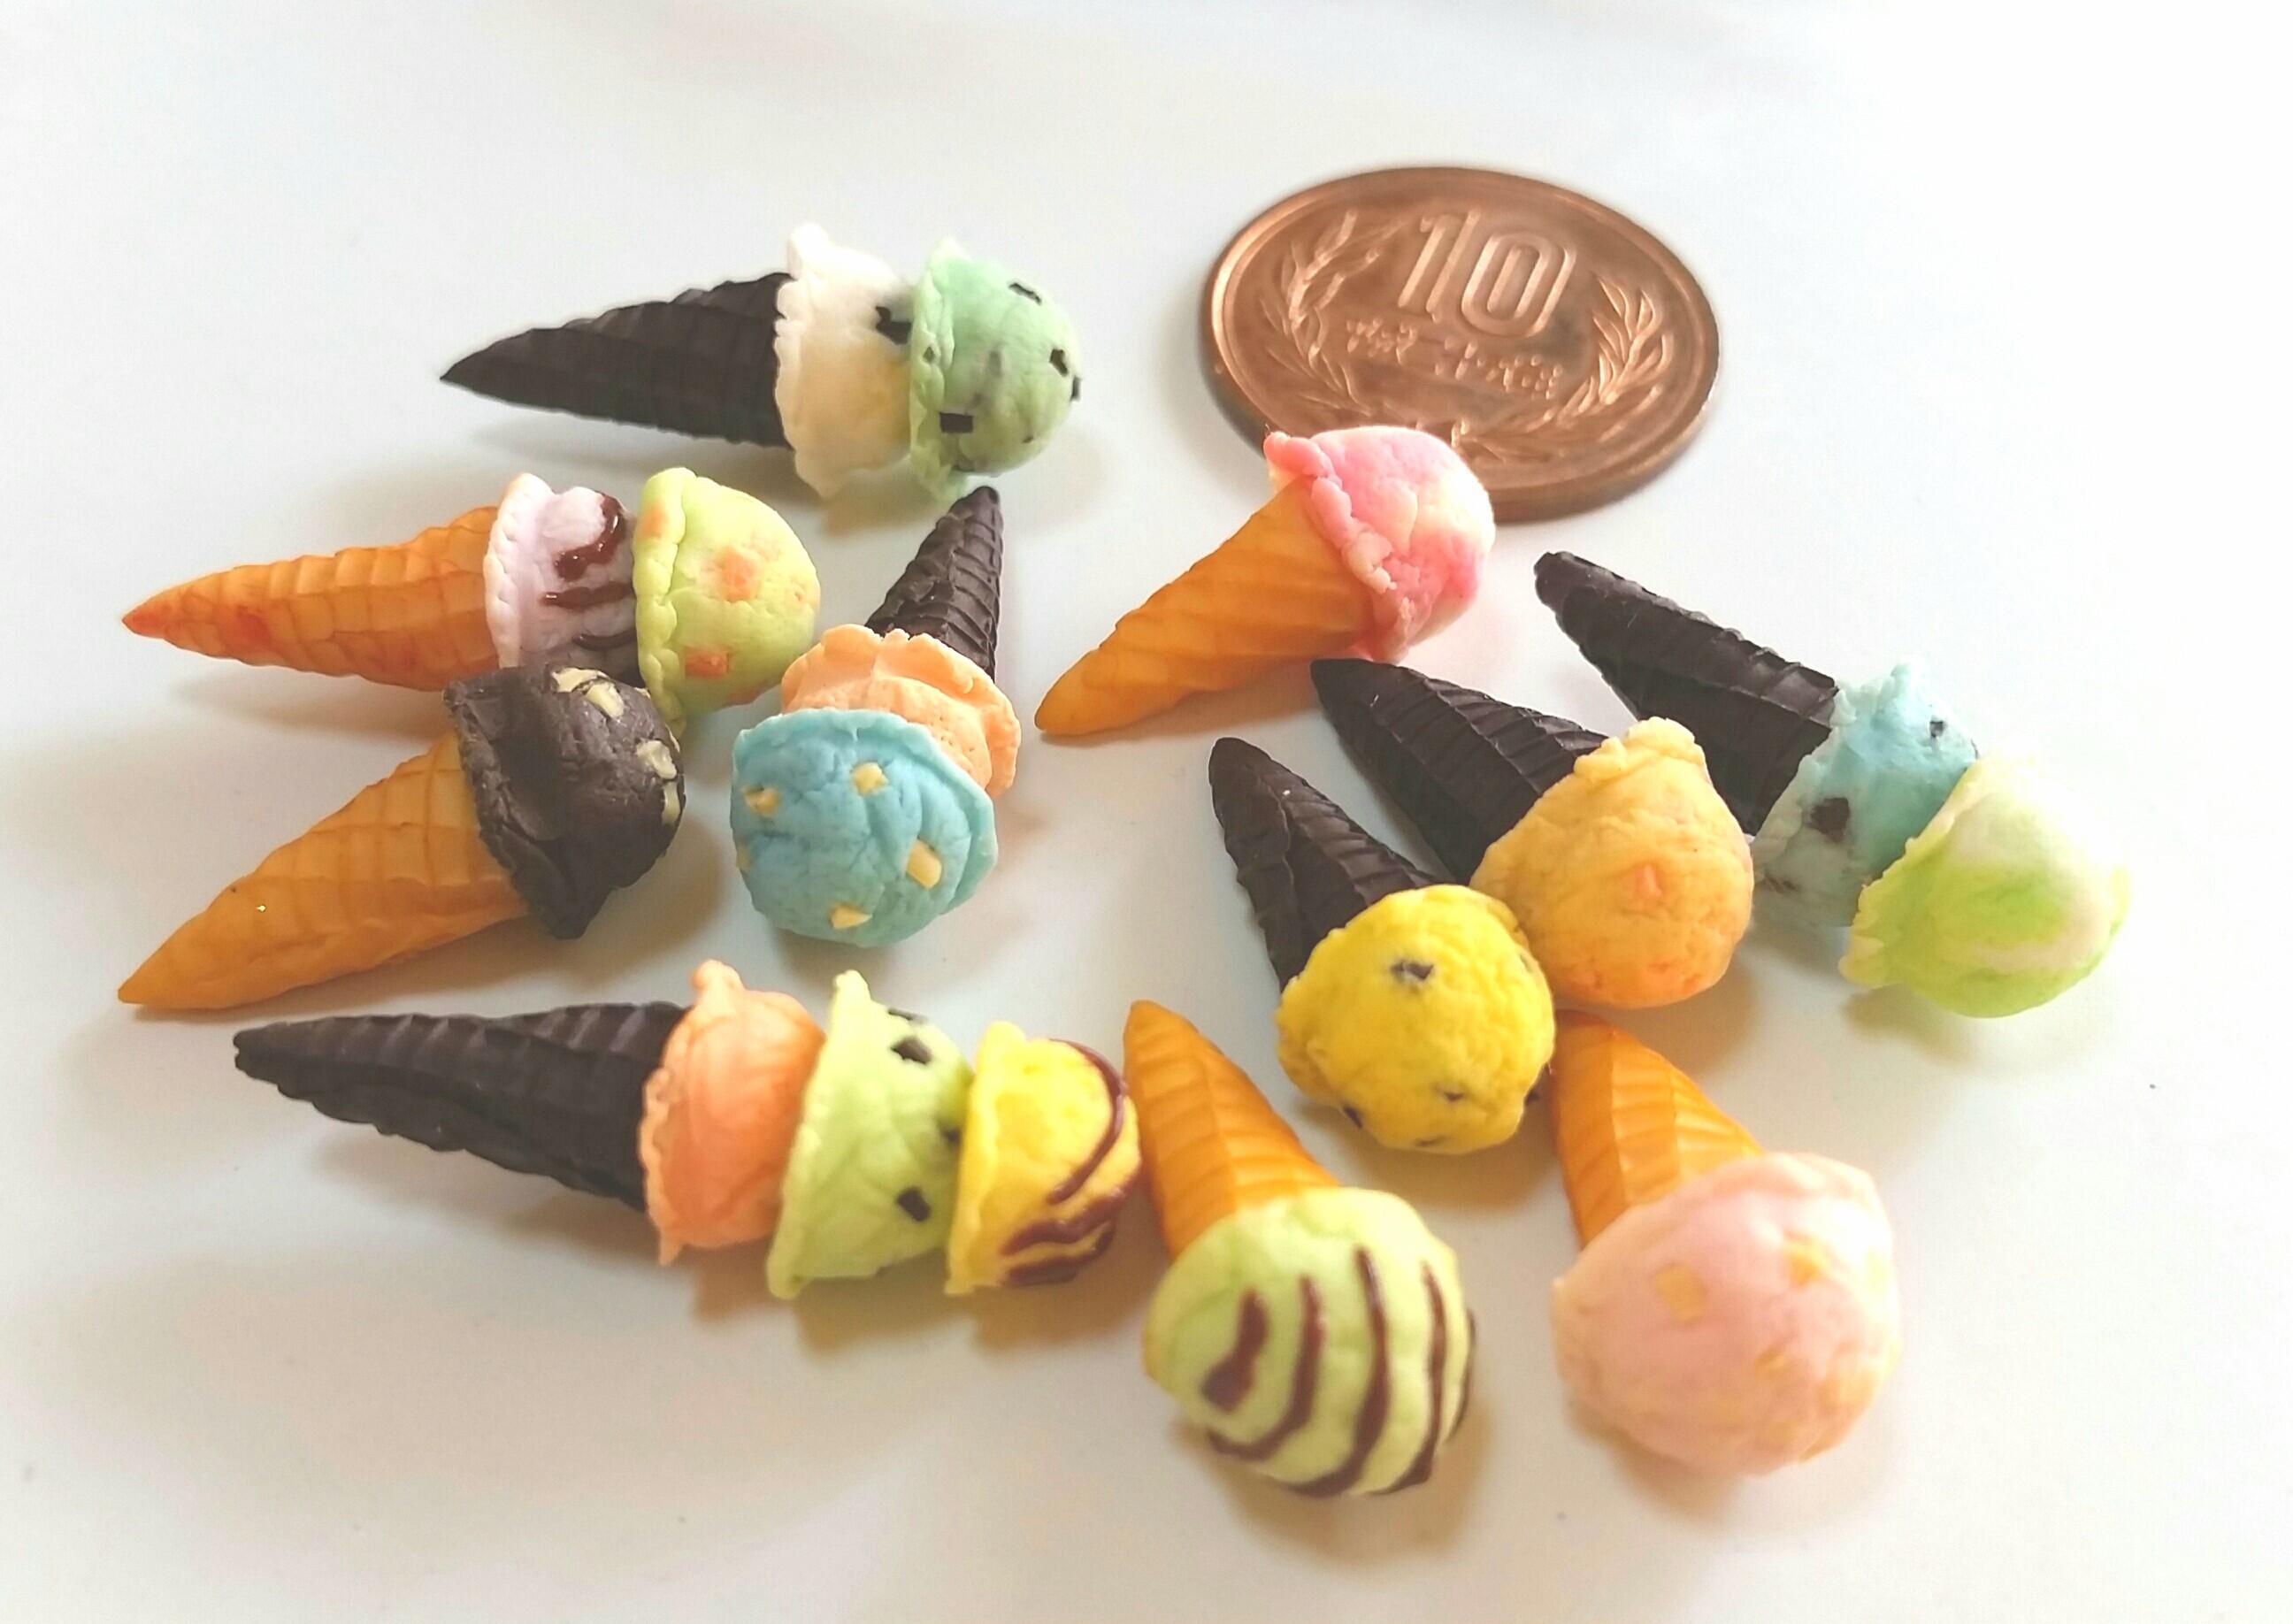 ミニチュアフード,アイスクリーム,樹脂粘土,フェイク,ドール用,人形